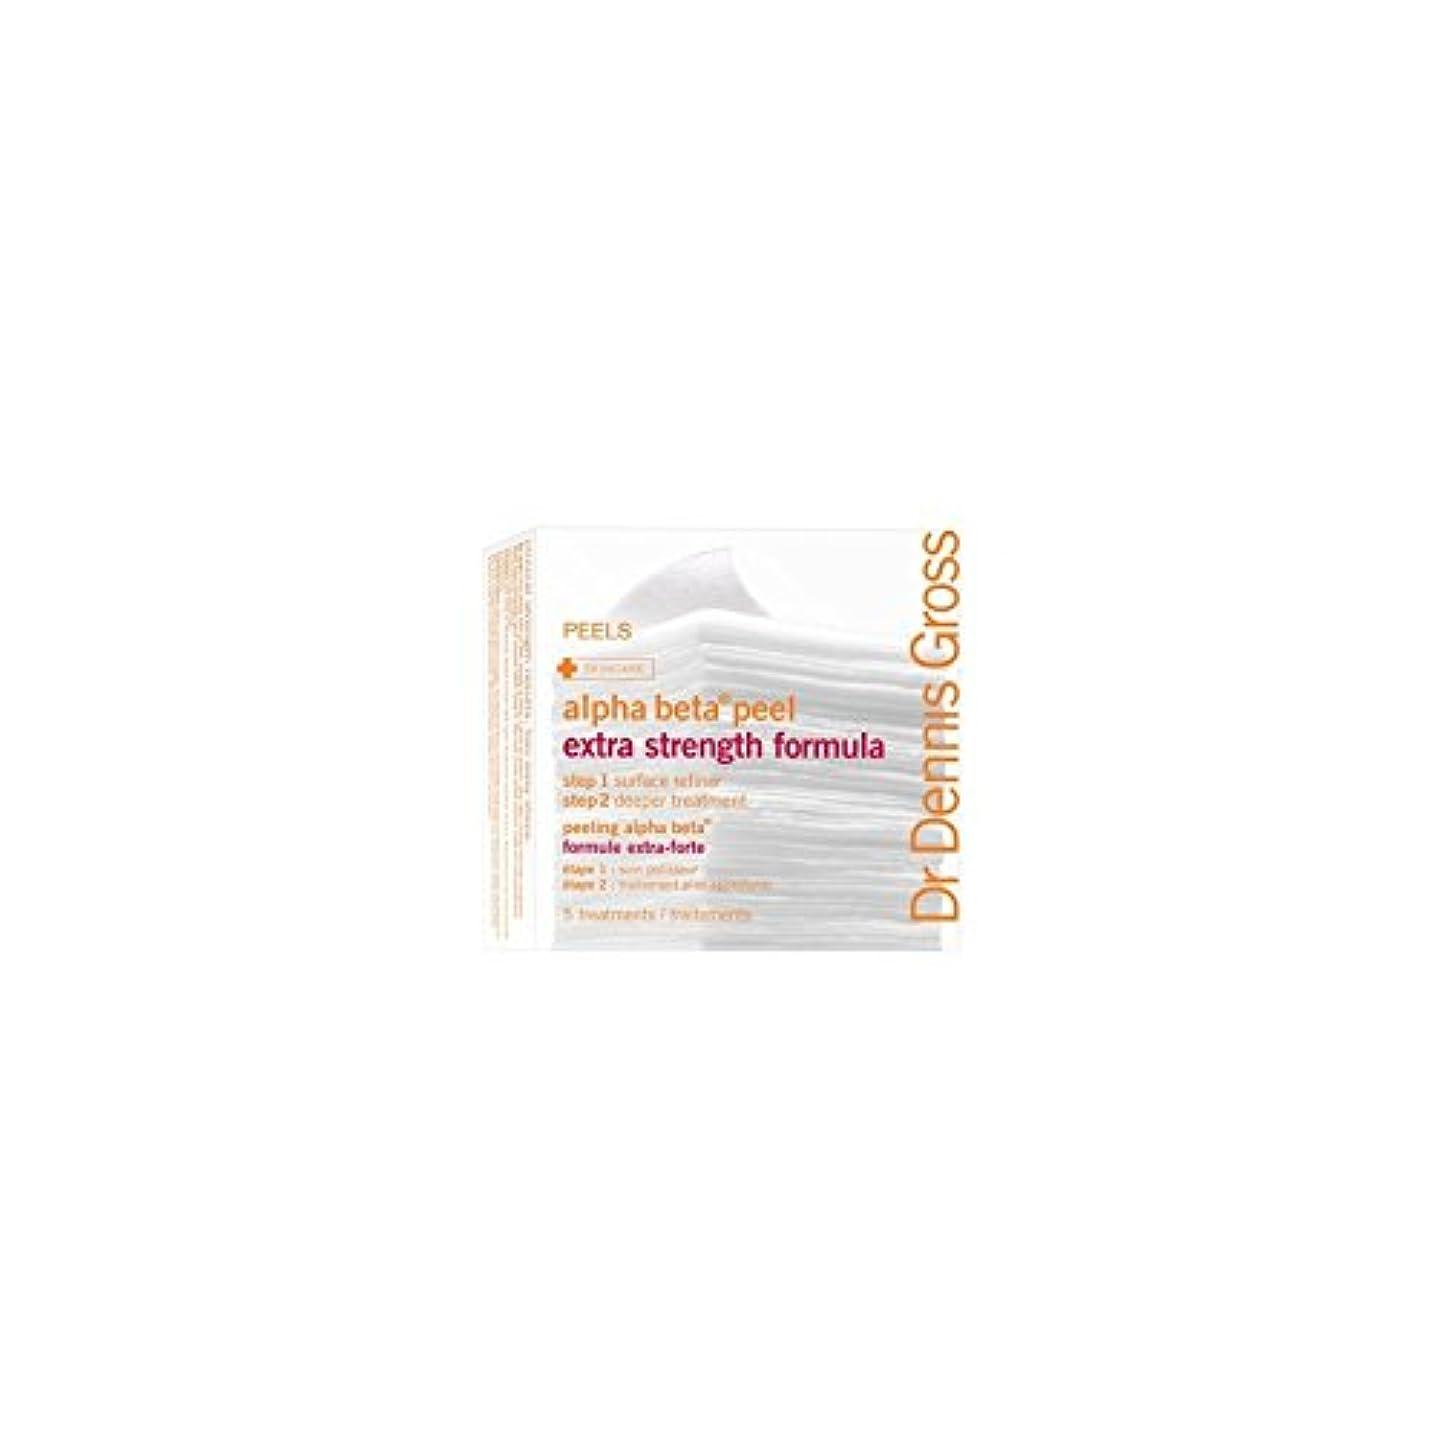 後退する愛情吐き出すデニスグロス余分な強度アルファベータピール - 余分な強さ(5 ) x2 - Dr Dennis Gross Extra Strength Alpha Beta Peel - Extra Strength (5 Packettes) (Pack of 2) [並行輸入品]